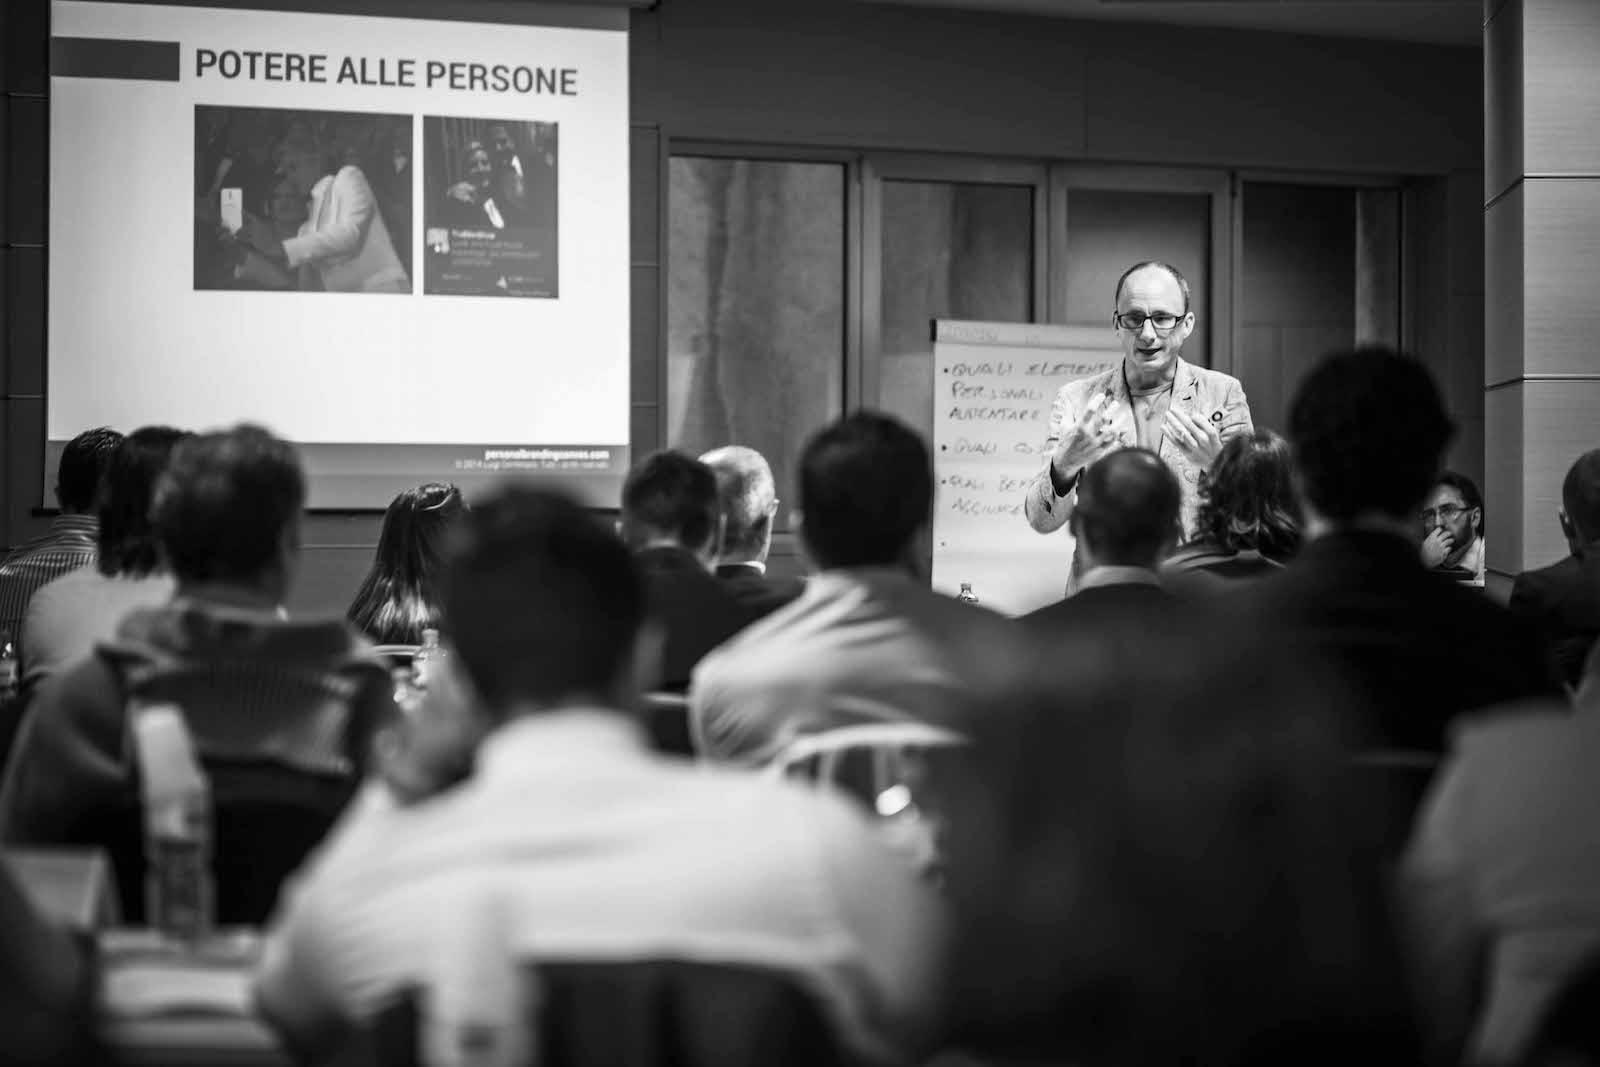 Formazione con Luigi Centenaro al Master Professione Agente - 18 settembre 2014 - Milano per Allianz Spa